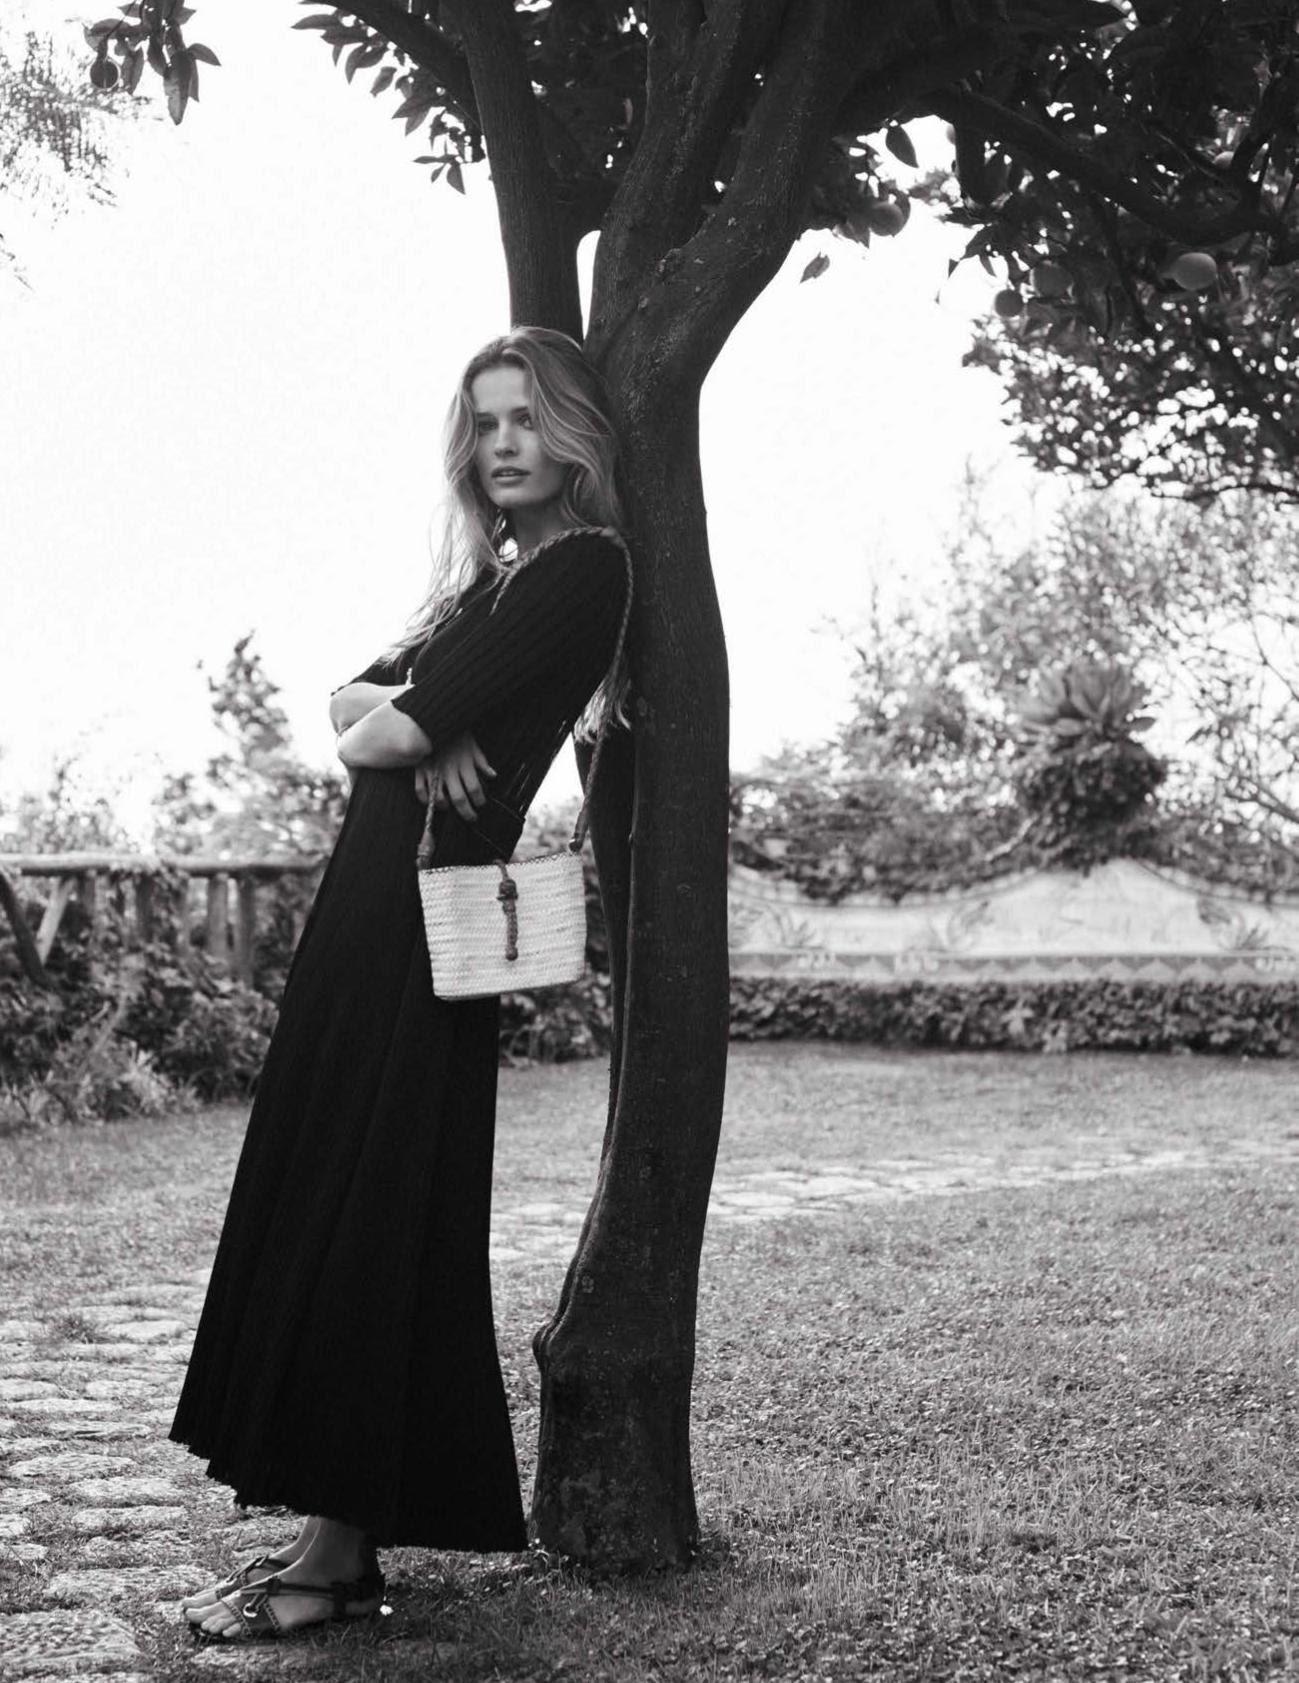 платье из вискозы и шелка, Céline; сумка из рафии с кожаными деталями, Masscob; сандалии из кожи, Bottega Veneta; кулон, Aurèlie Bidermann; браслет из золота, Oui Petit